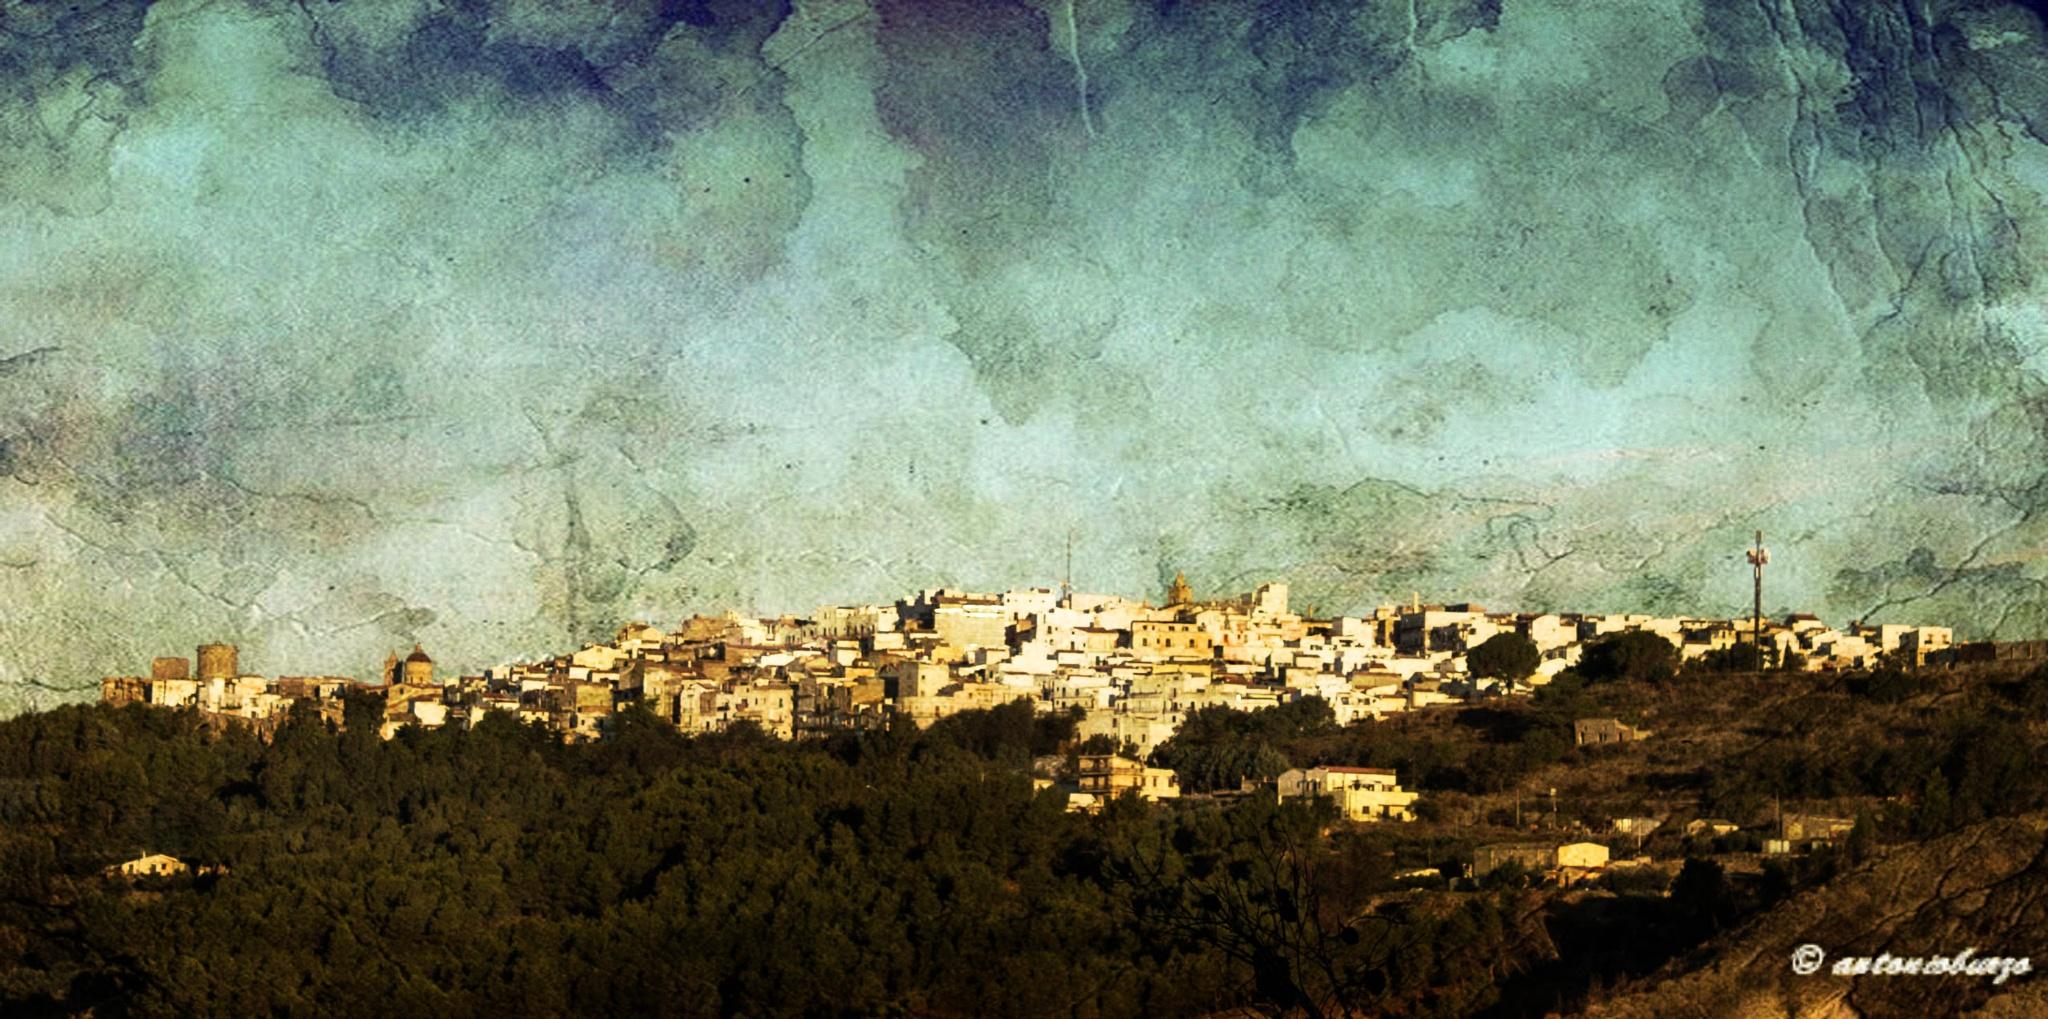 Panorama by antonioburzo